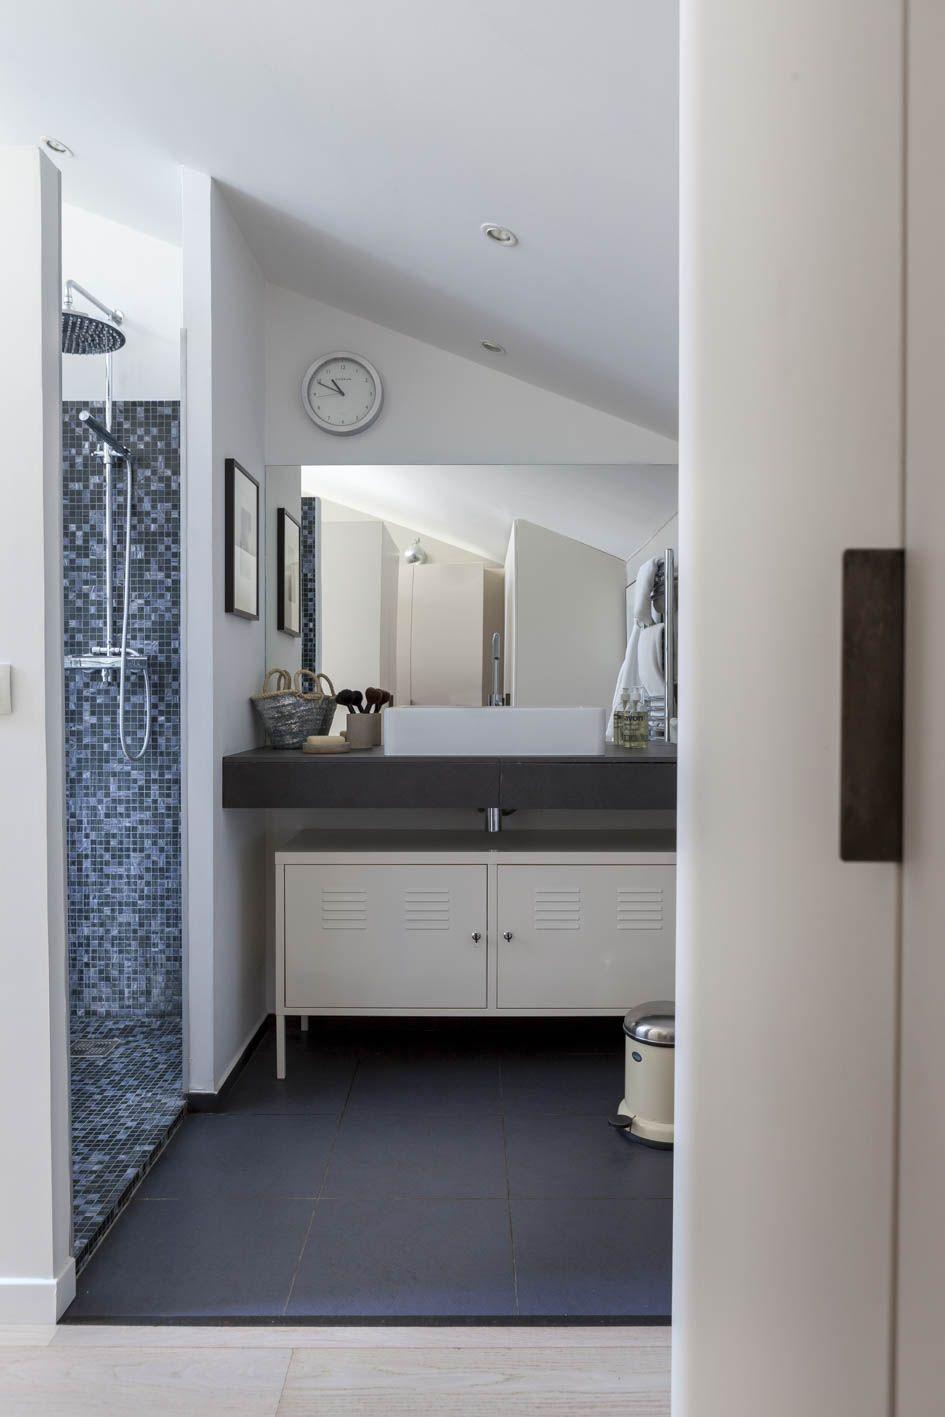 d couvrez la r novation de ce loft en r gion parisienne rendu chaleureux gr ce un superbe. Black Bedroom Furniture Sets. Home Design Ideas